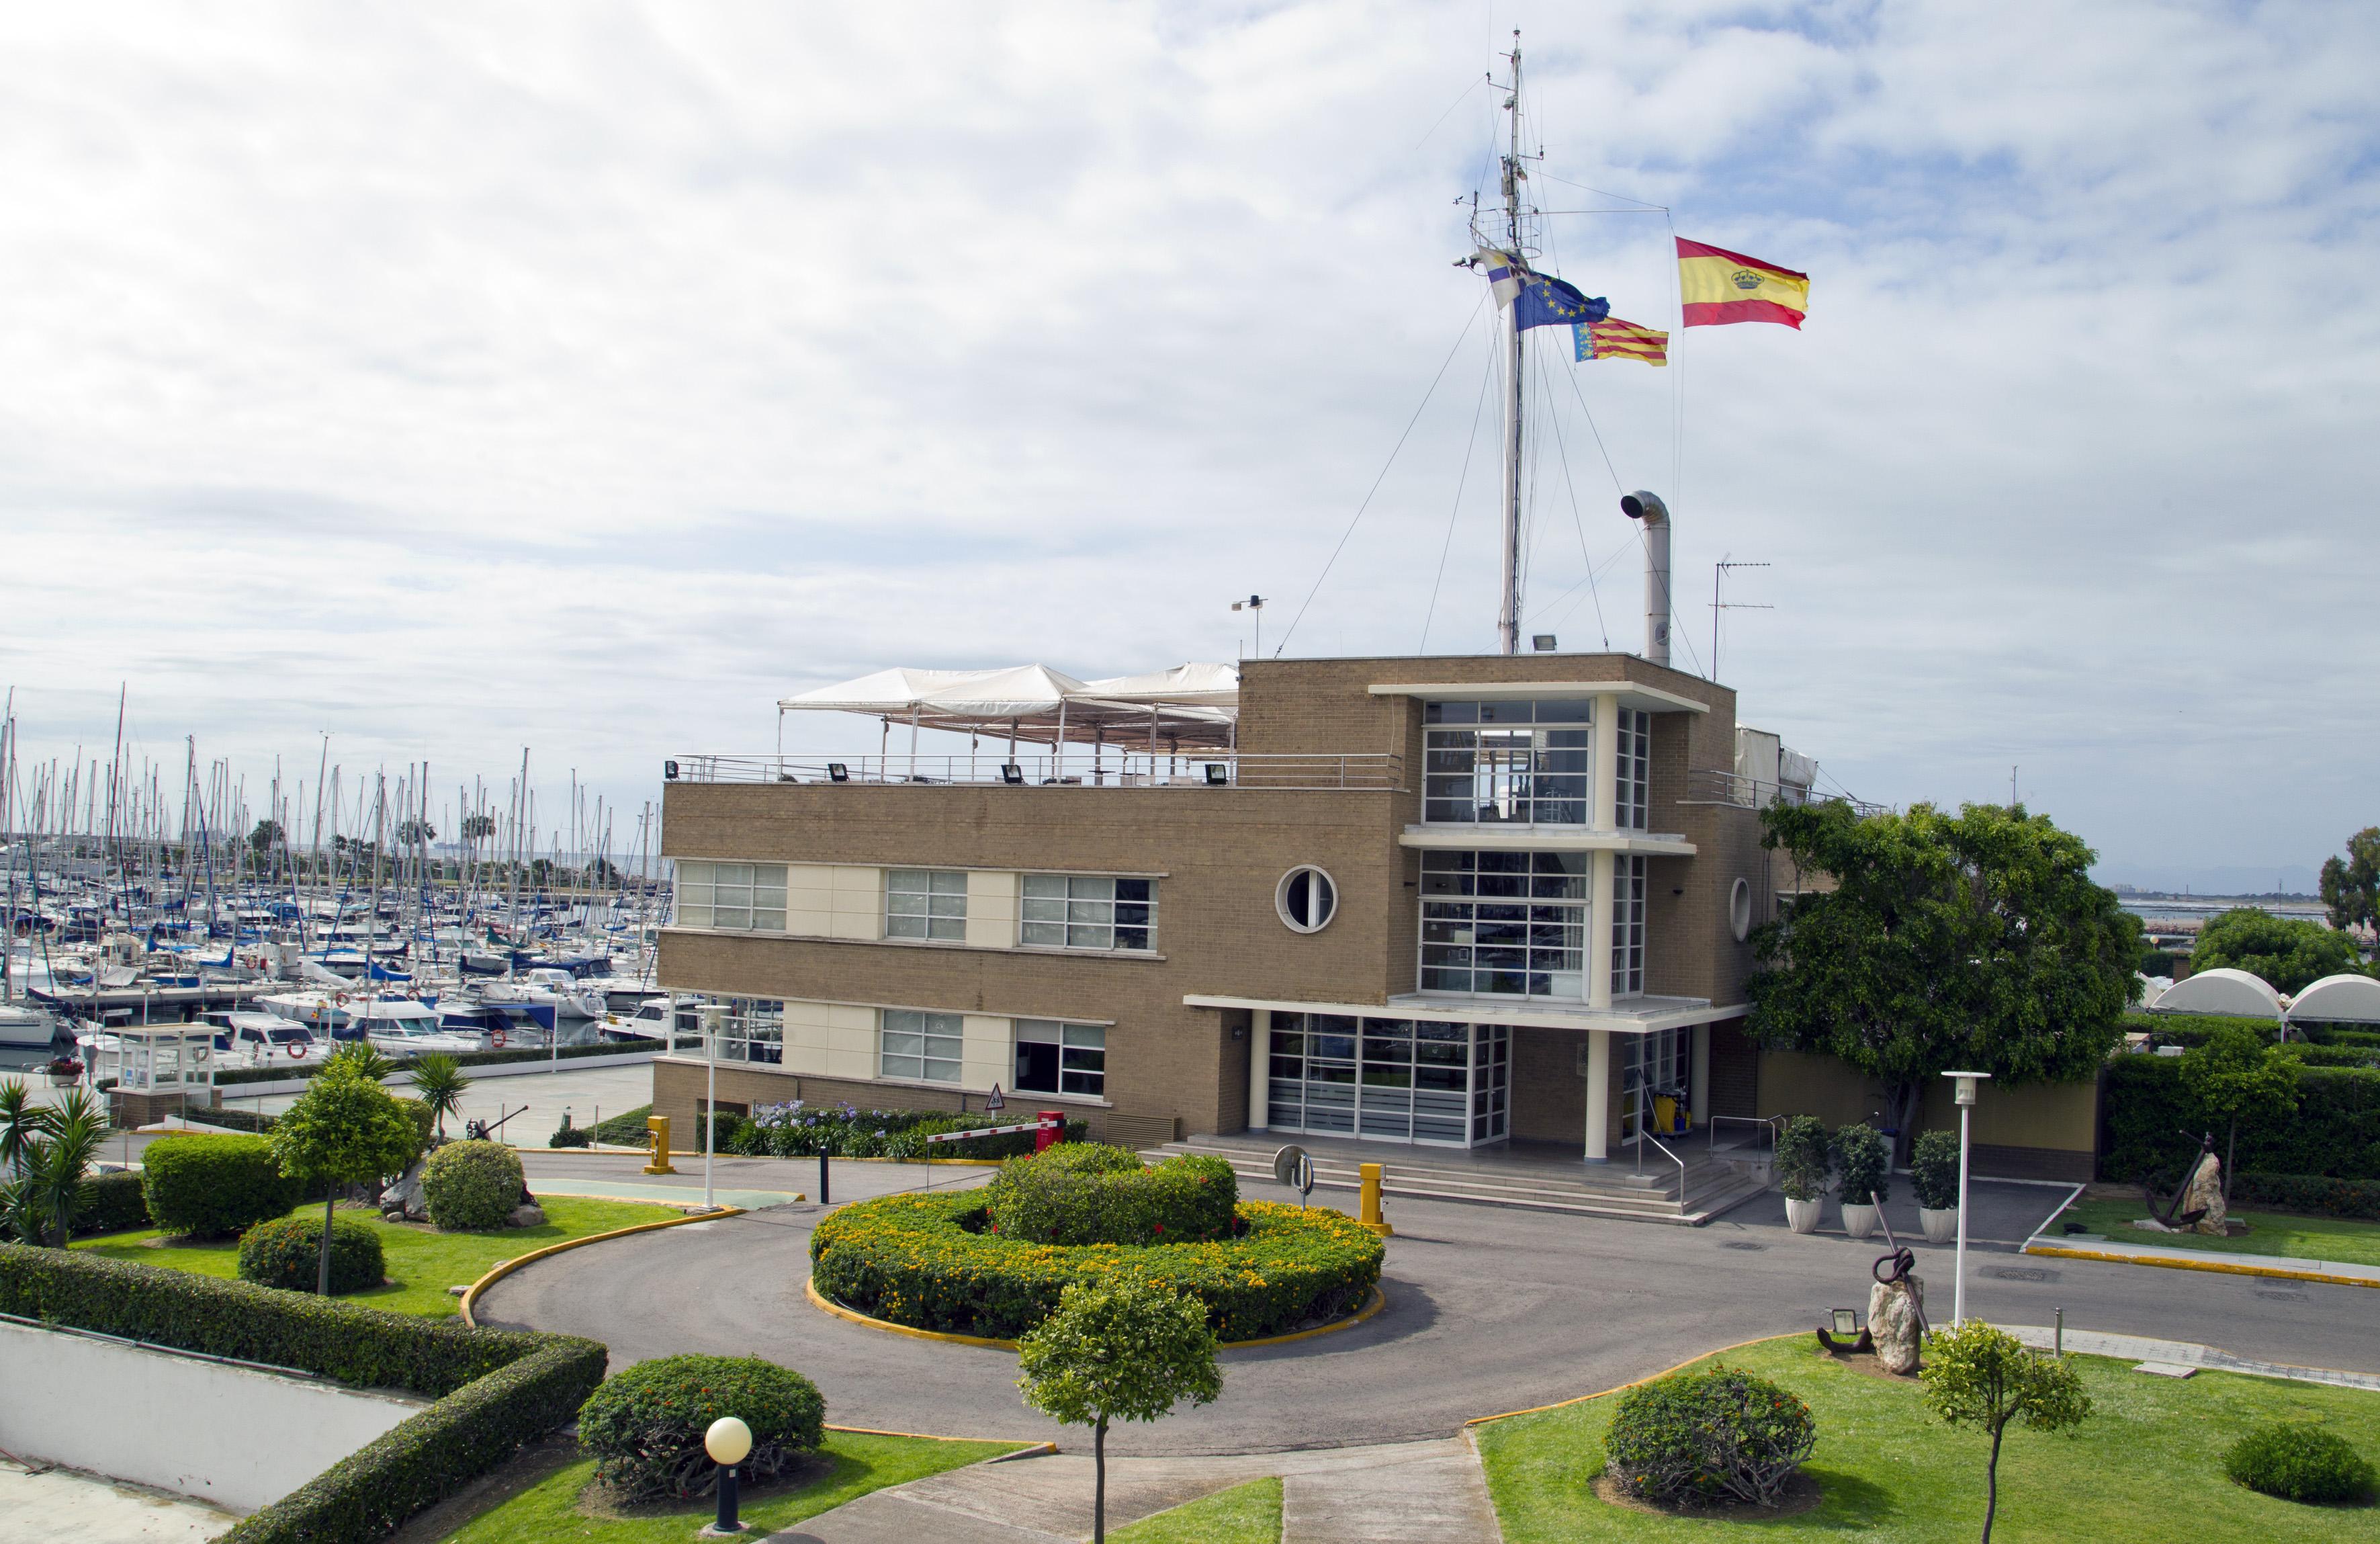 El real club n utico de valencia celebrar sus ii jornadas - Club nautico santander ...